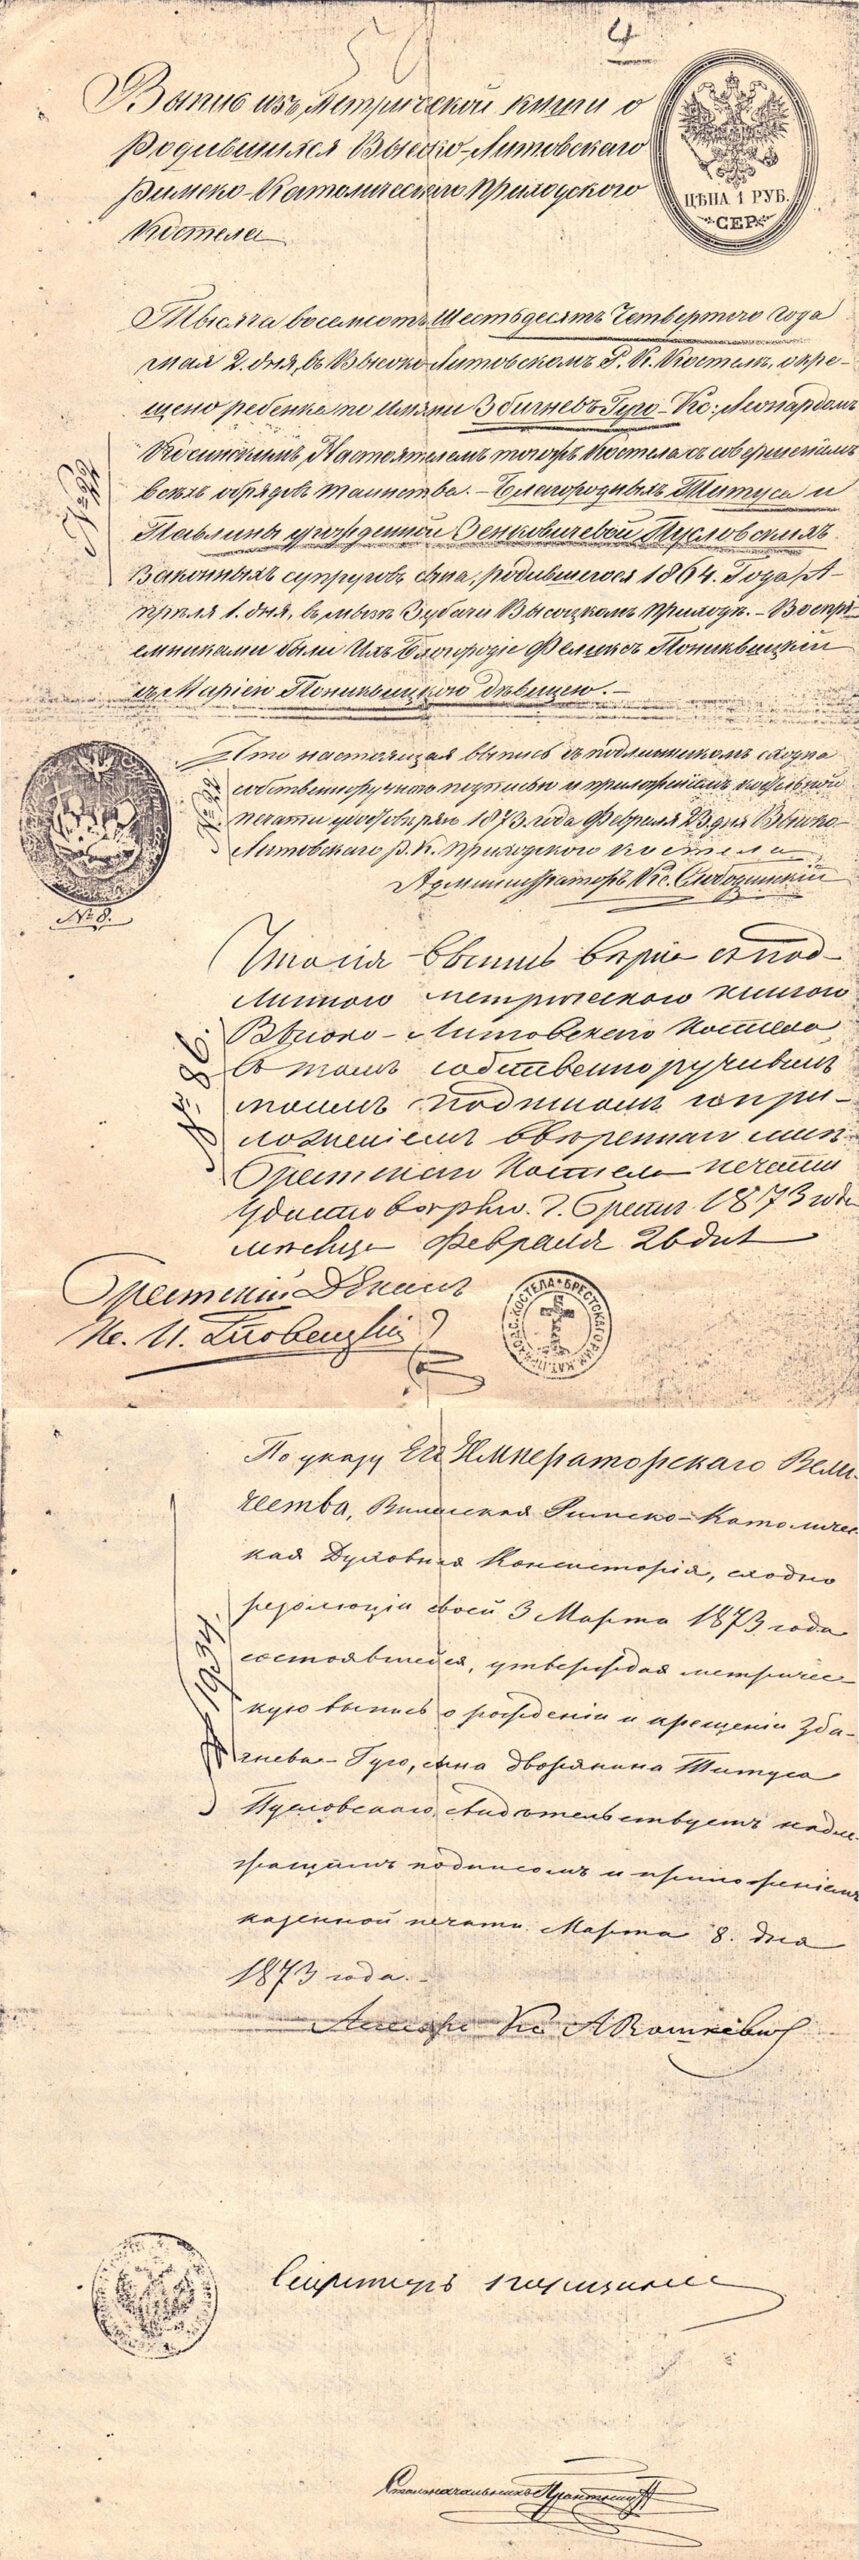 Wypis z aktu metrykalnego chrztu Zbigniew Hugo Pusłowski ur. 01.04.1864 r.